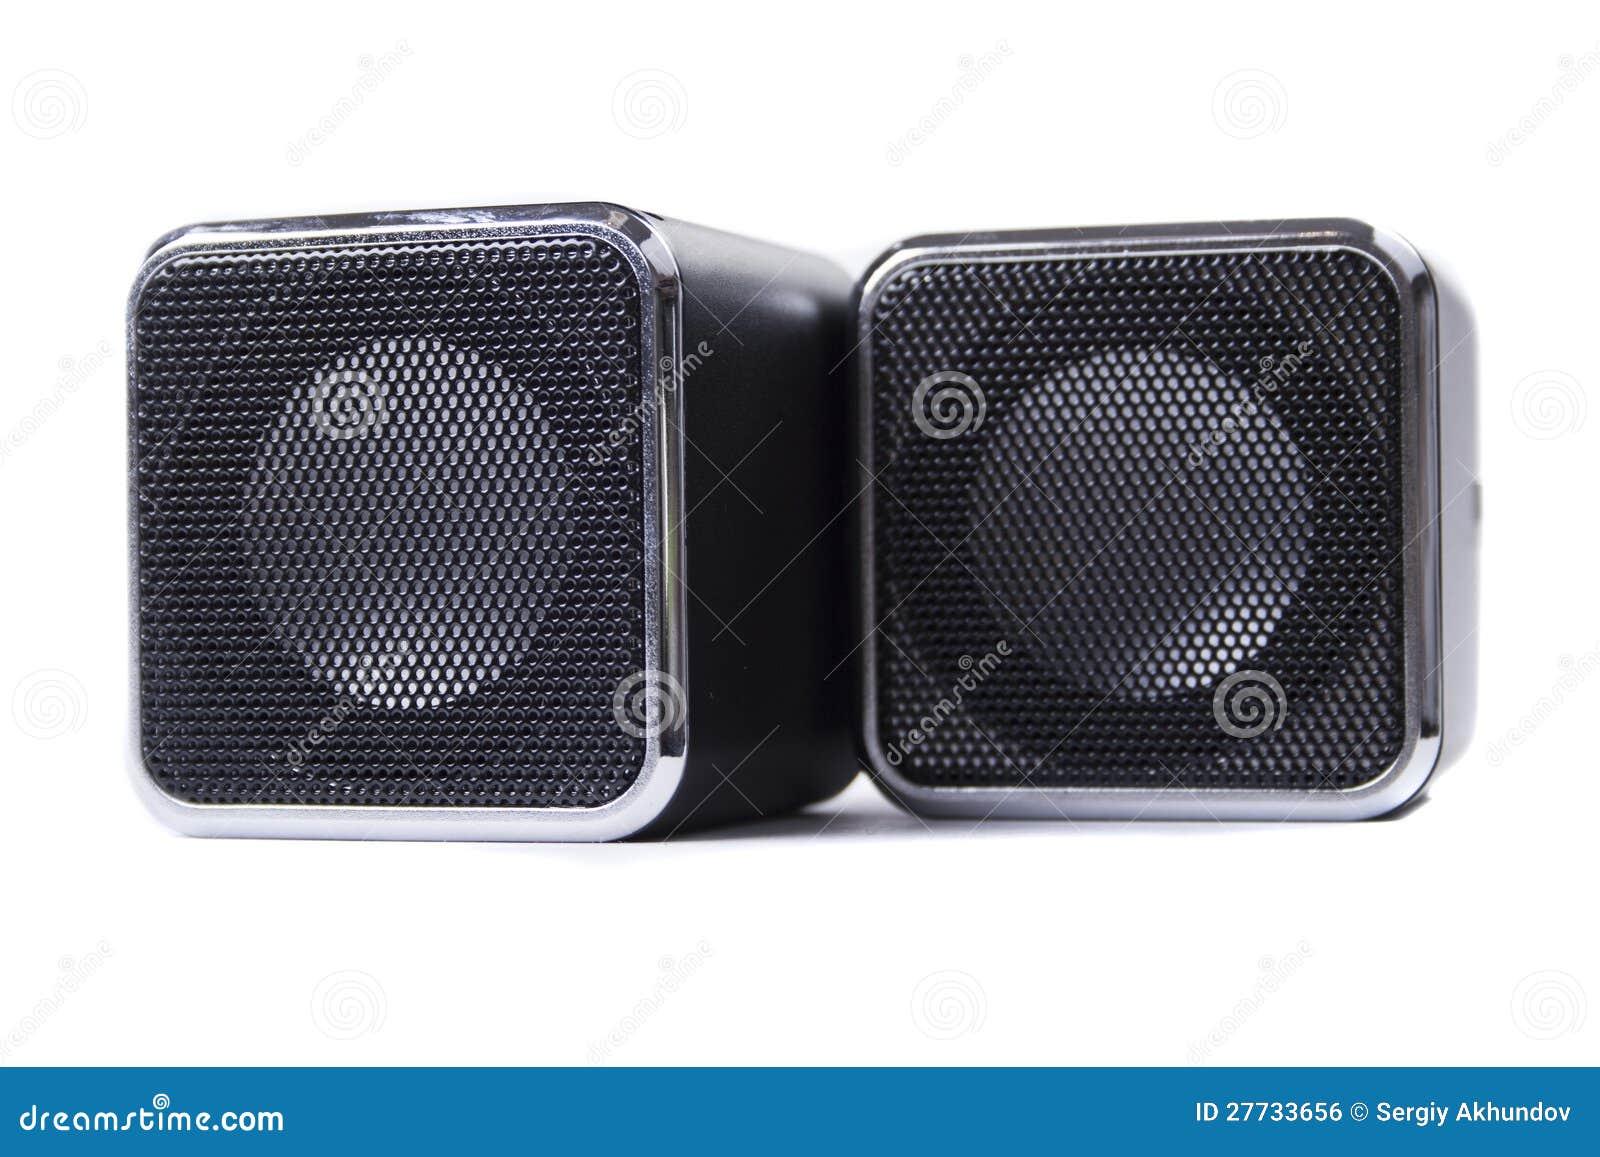 Quadratische Lautsprecher